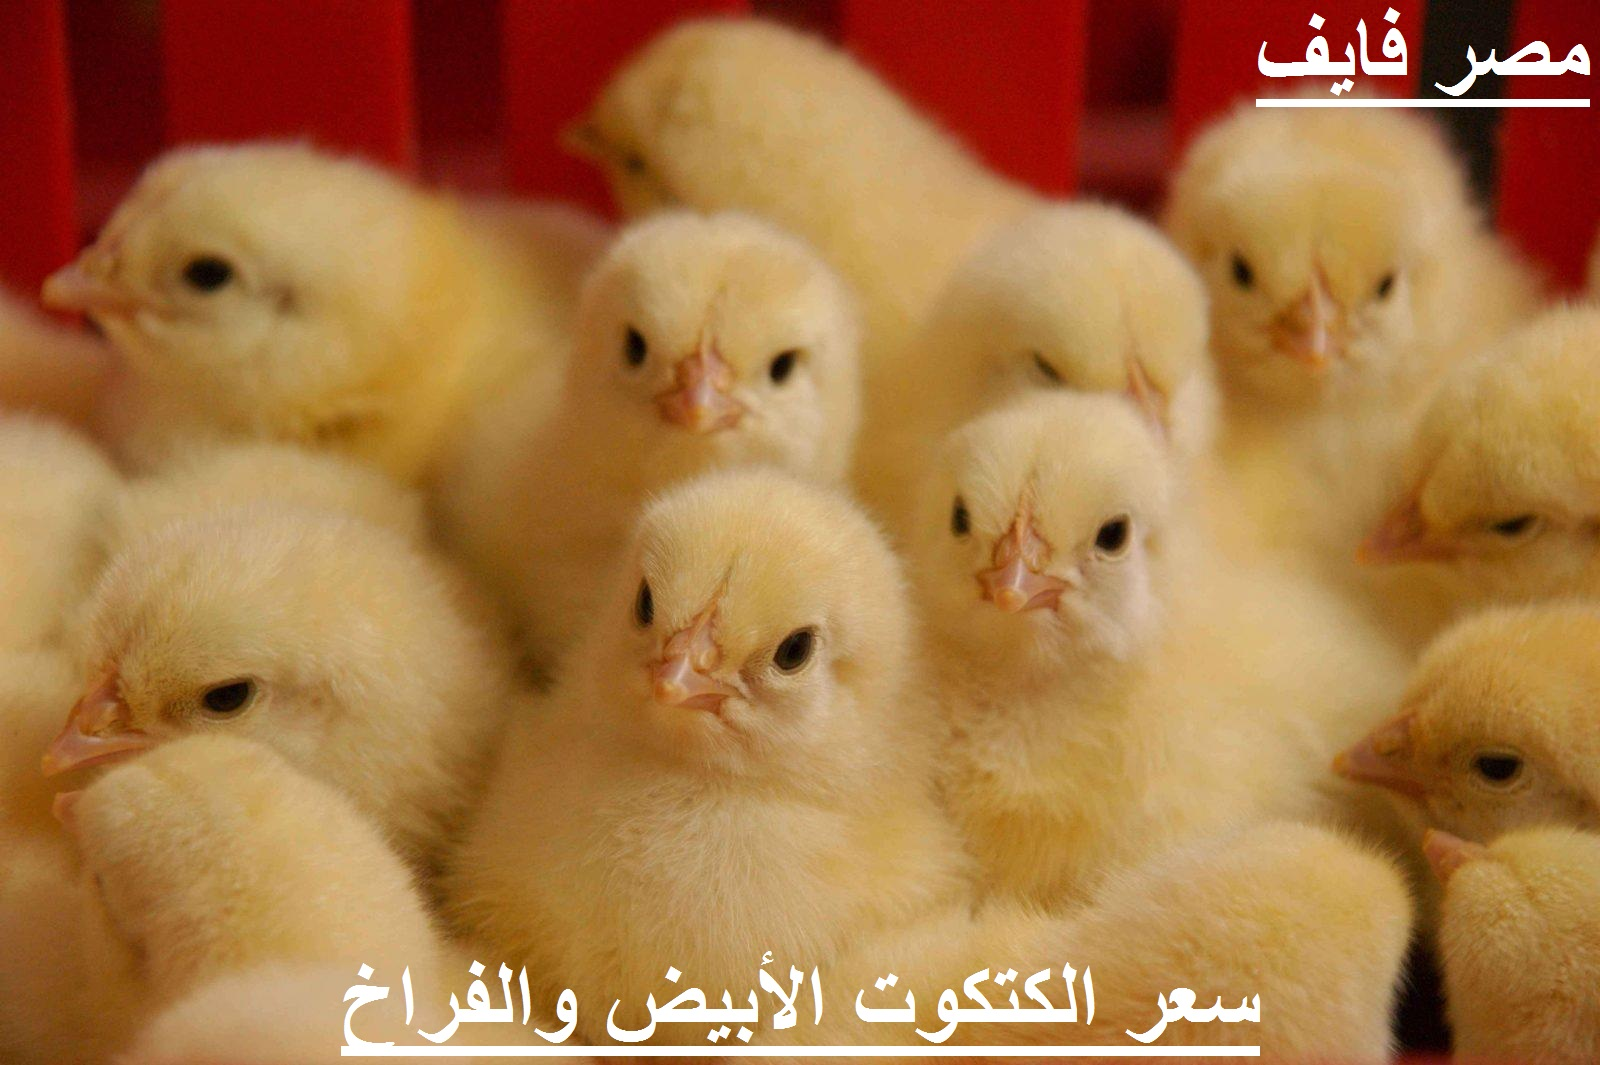 بورصة الدواجن.. سعر الكتكوت الابيض اليوم الثلاثاء 6 أبريل وسعر الفراخ البيضاء بعد ارتفاع أسعارها الآن